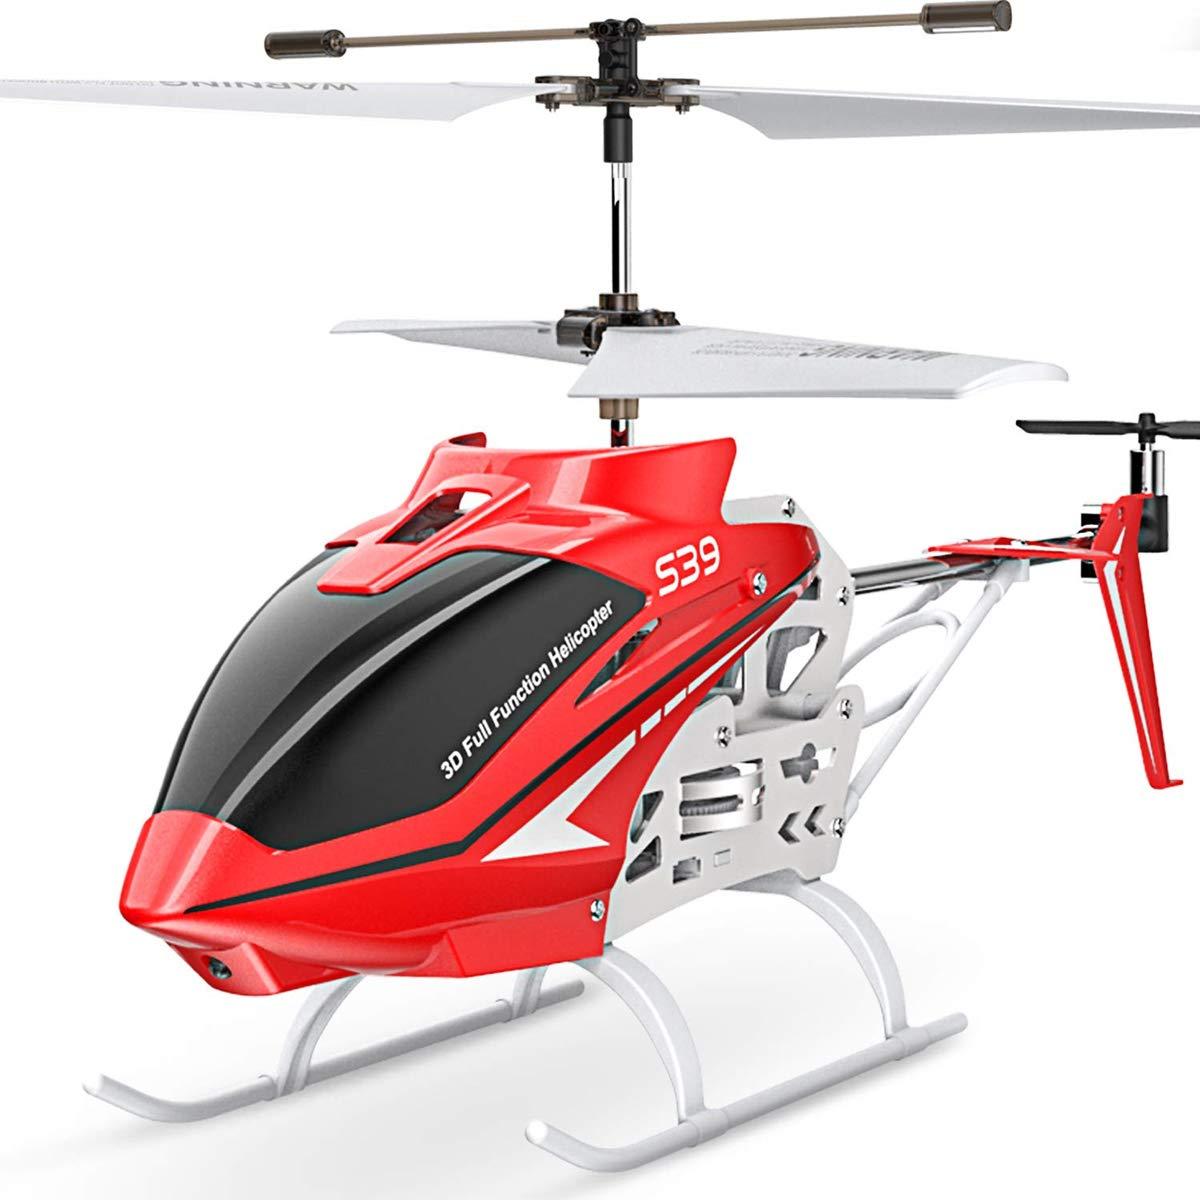 Syma S39 Helicópteros de Radiocontrol 3 canales Helicópteros Aviones Control giroscopio Estabilidad: Amazon.es: Juguetes y juegos